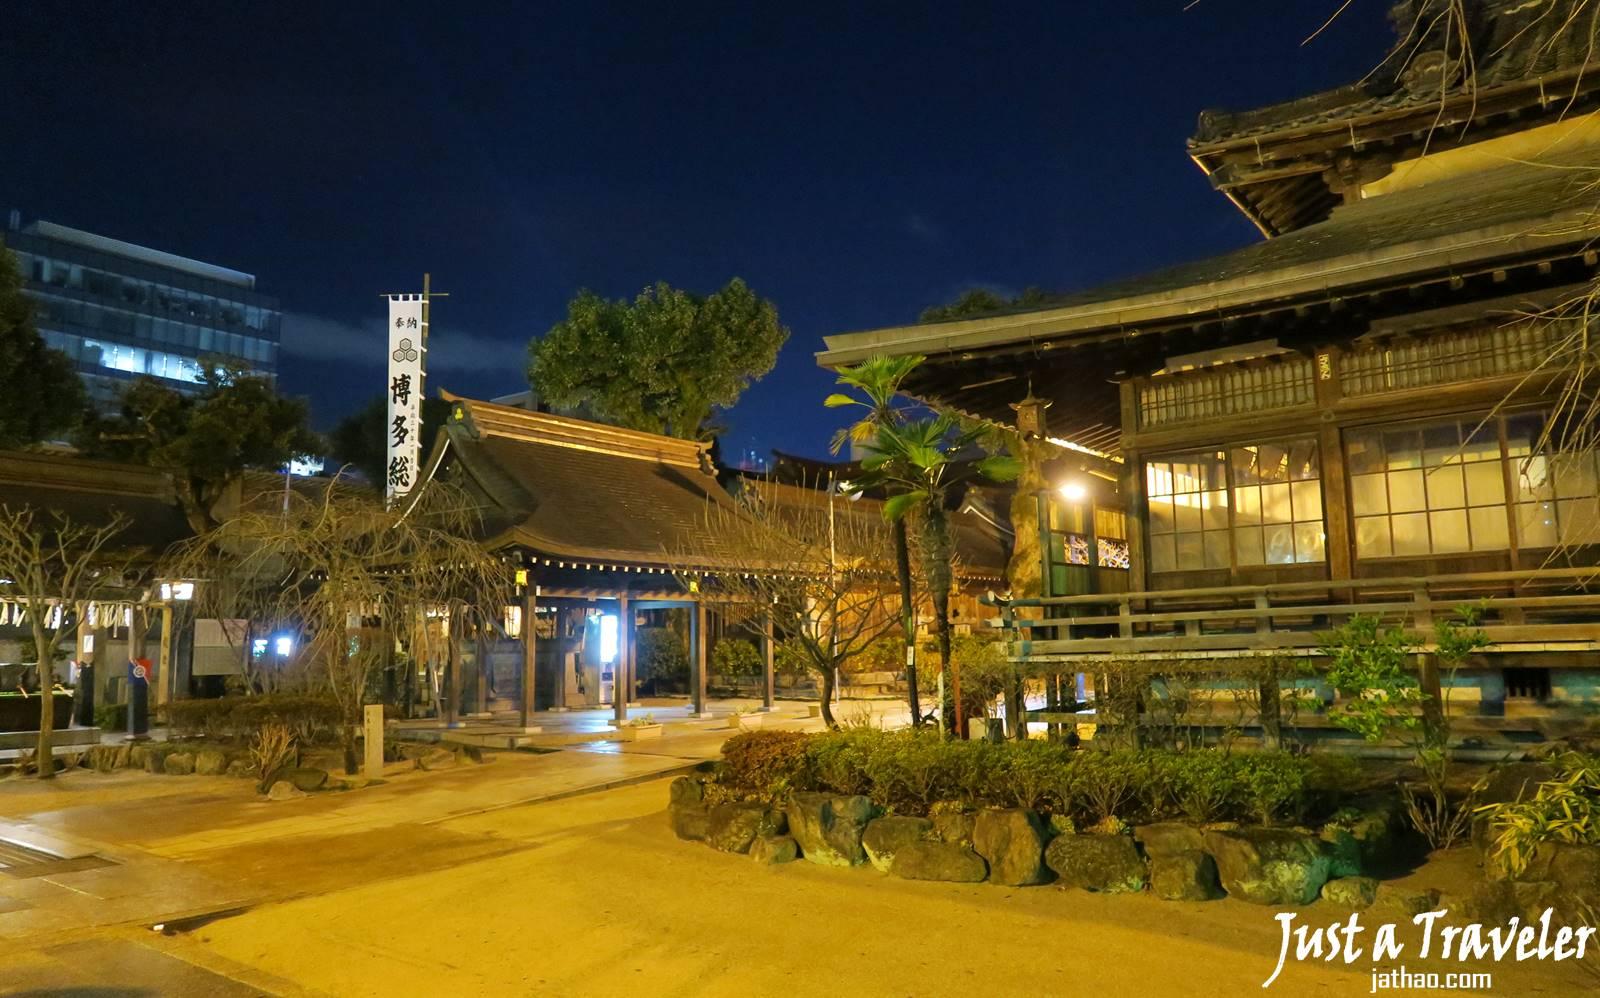 福岡-景點-推薦-櫛田神社-福岡好玩景點-福岡必玩景點-福岡必去景點-福岡自由行景點-攻略-市區-郊區-福岡觀光景點-福岡旅遊景點-福岡旅行-福岡行程-Fukuoka-Tourist-Attraction